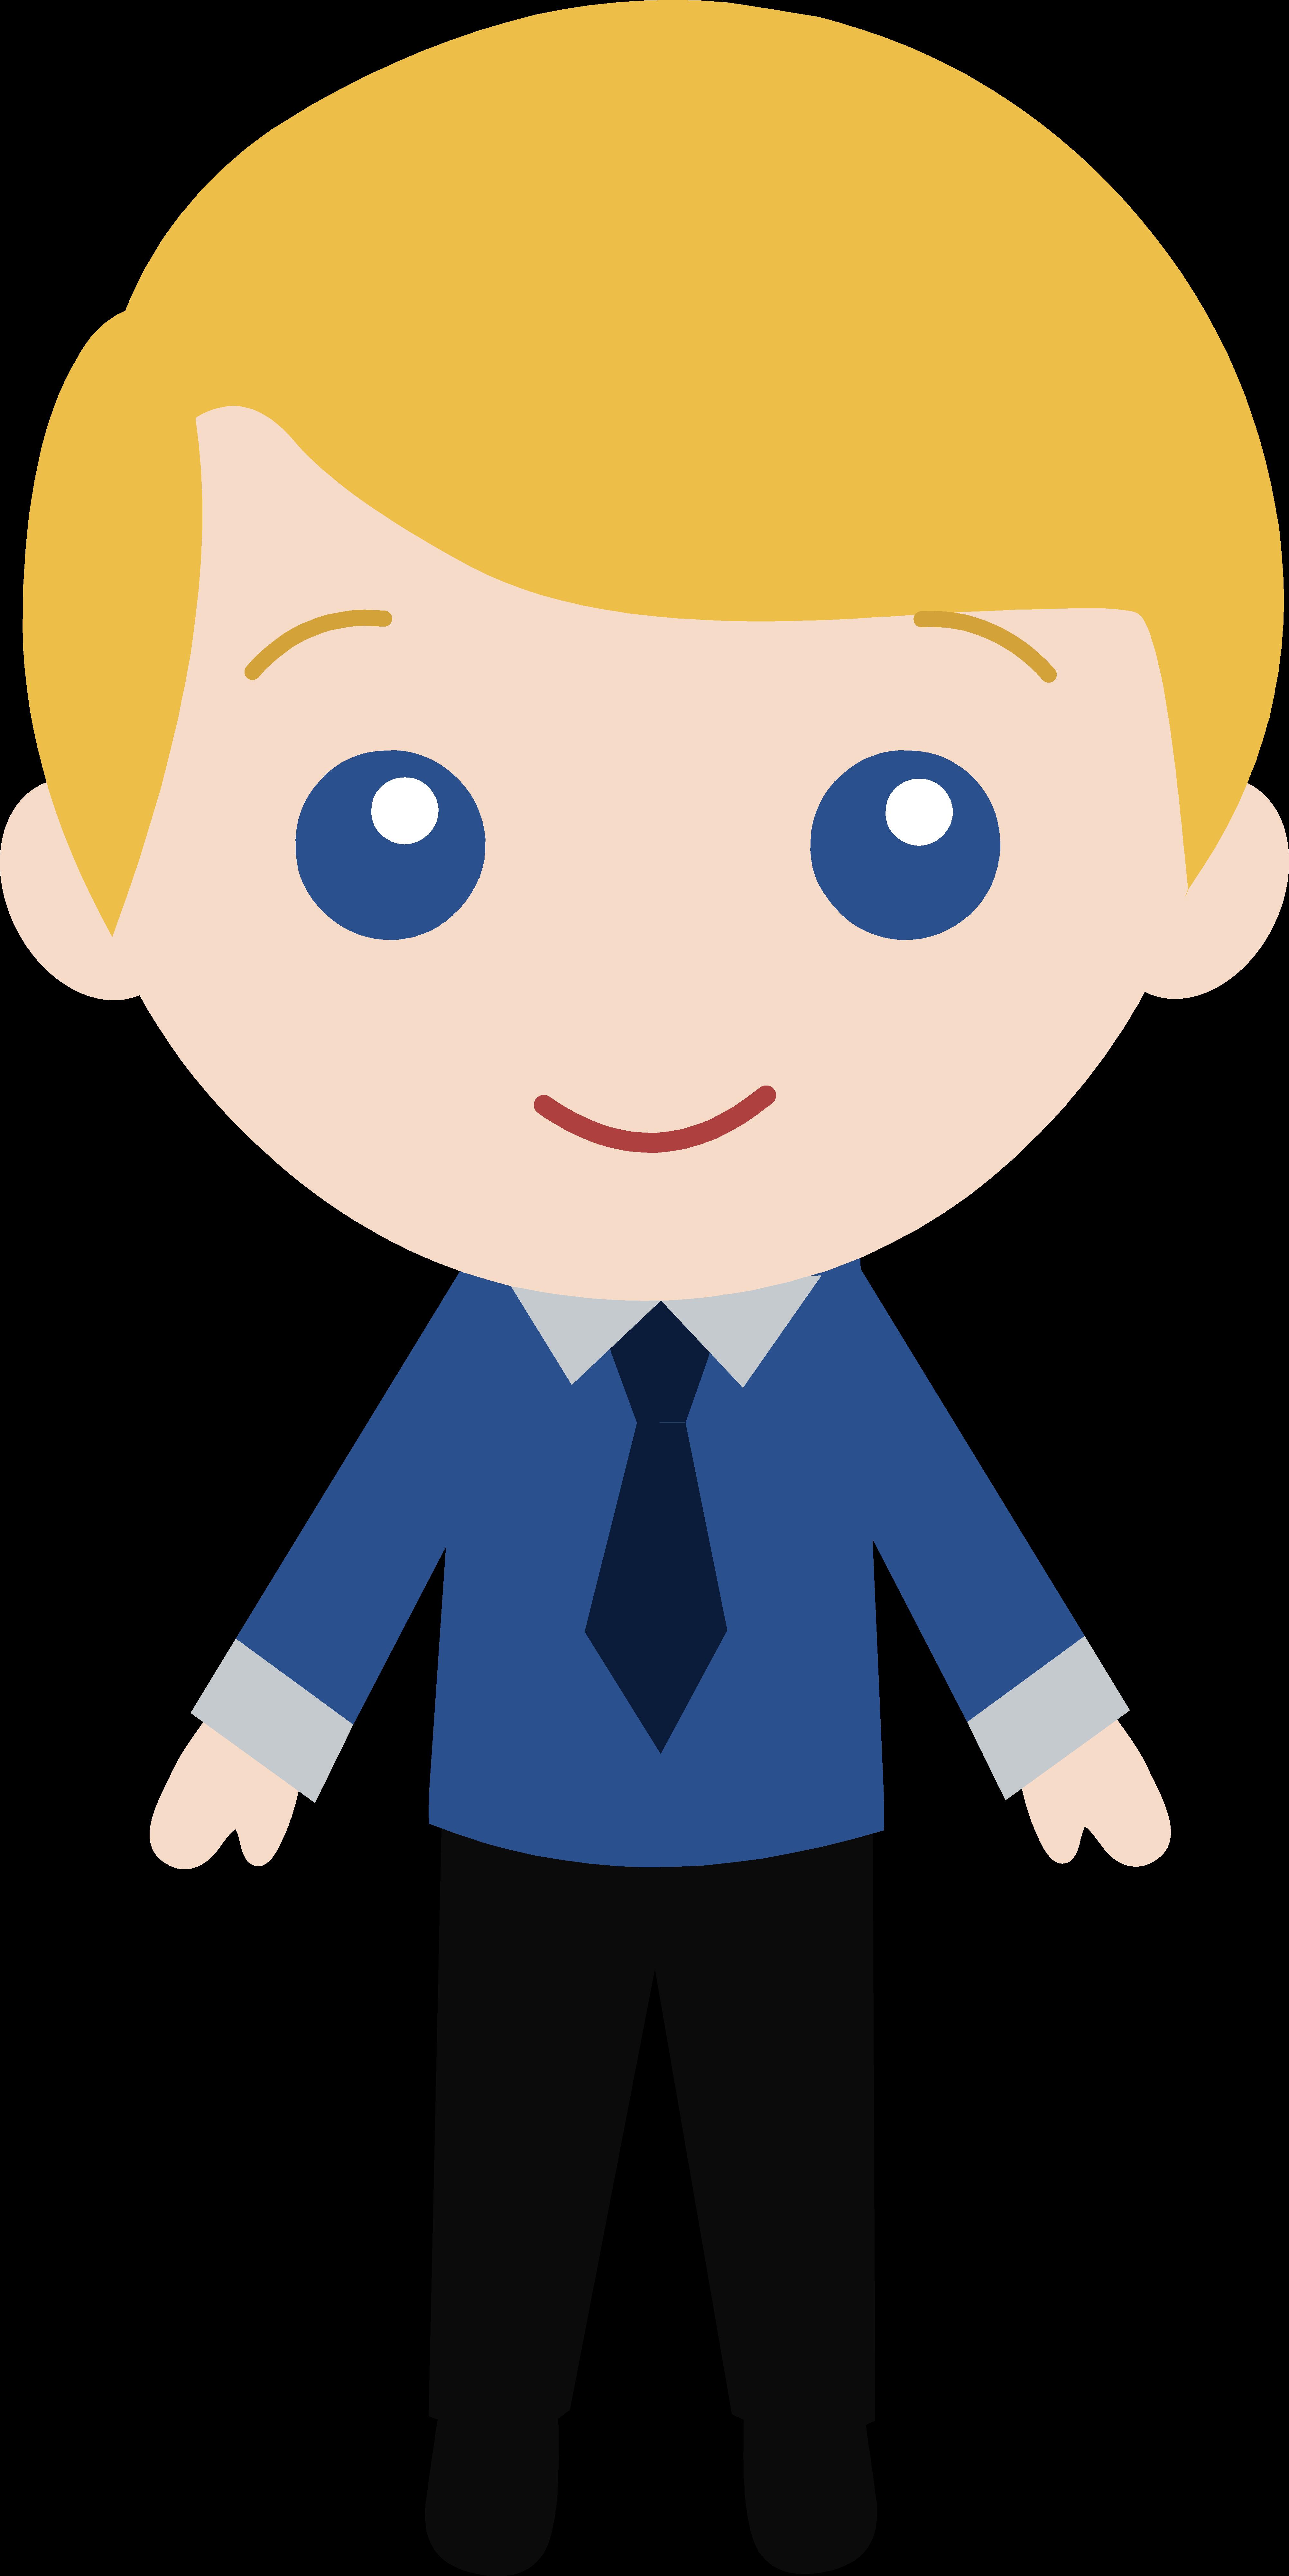 Boy with blue eyes.